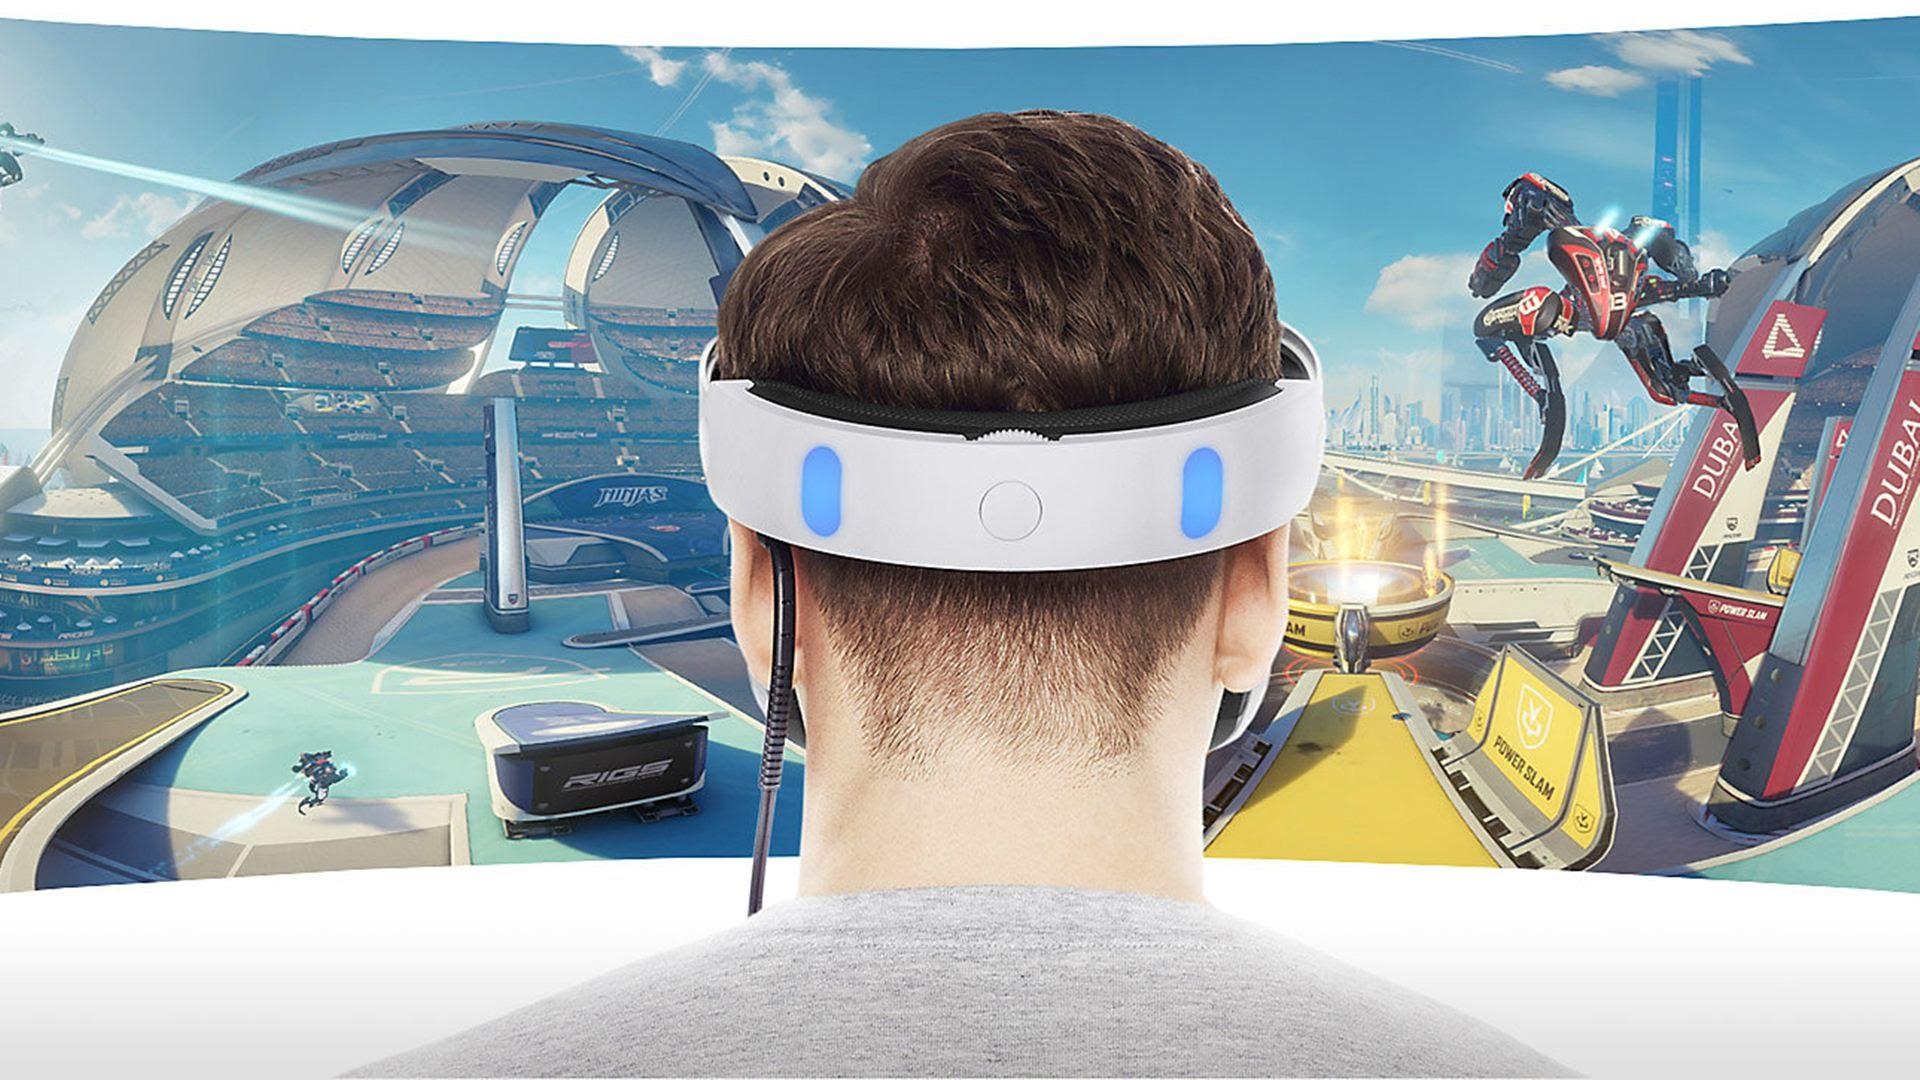 Virtual reality brille für wii u : Playstation vr lässt sich mit pc xbox one und wii u nutzen